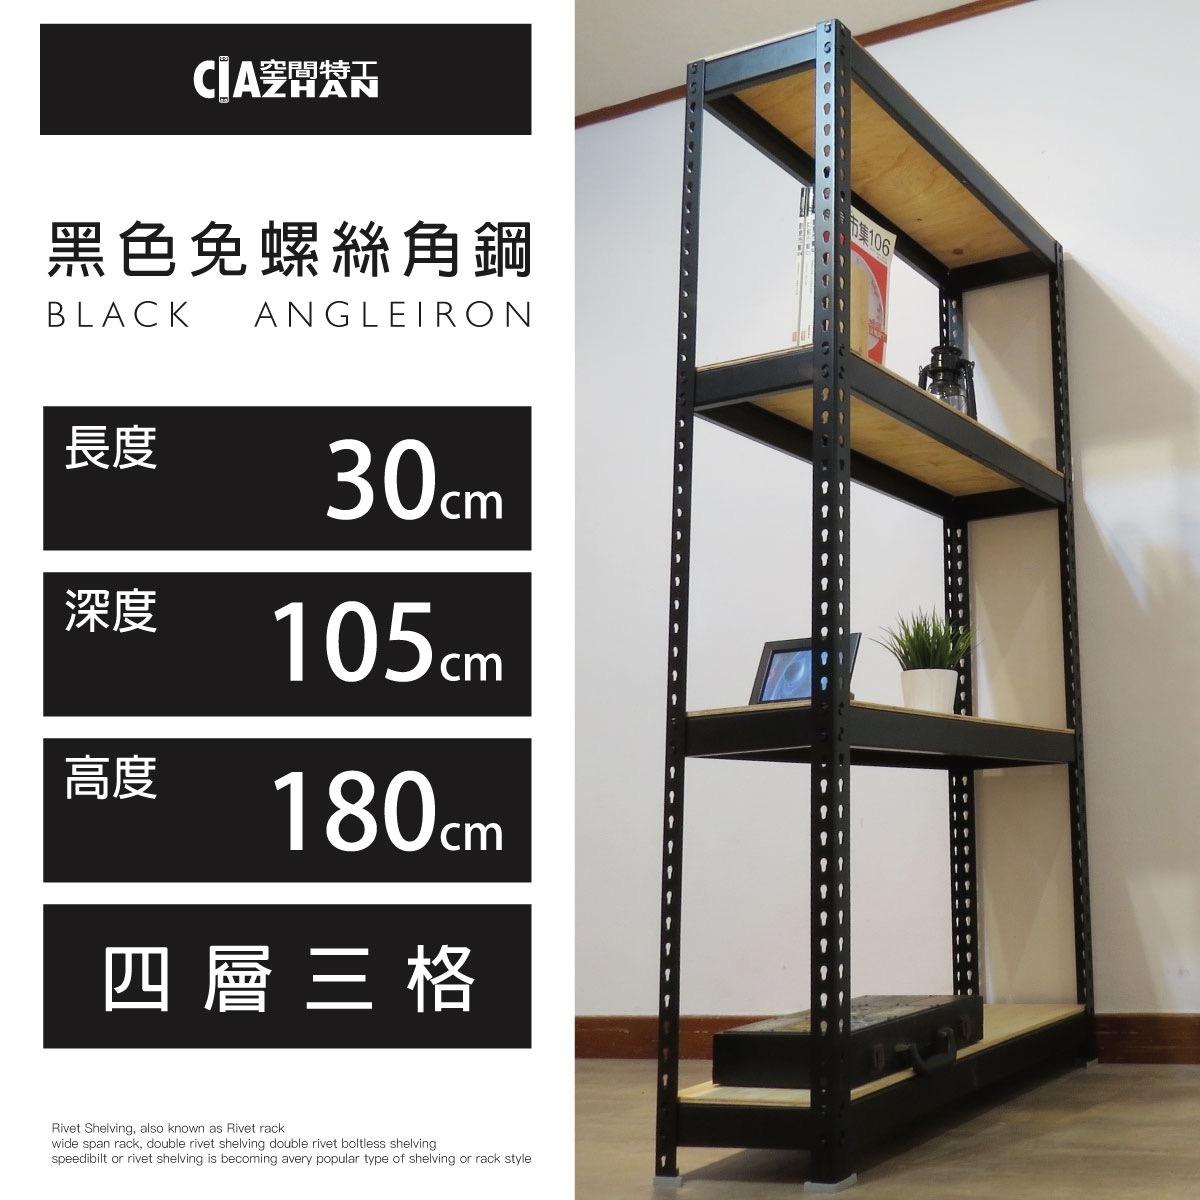 【空間特工】黑色免螺絲角鋼架(1x3.5x6_5層)收納架/鐵架/陳列架/層櫃/置物櫃/收納櫃B1035650